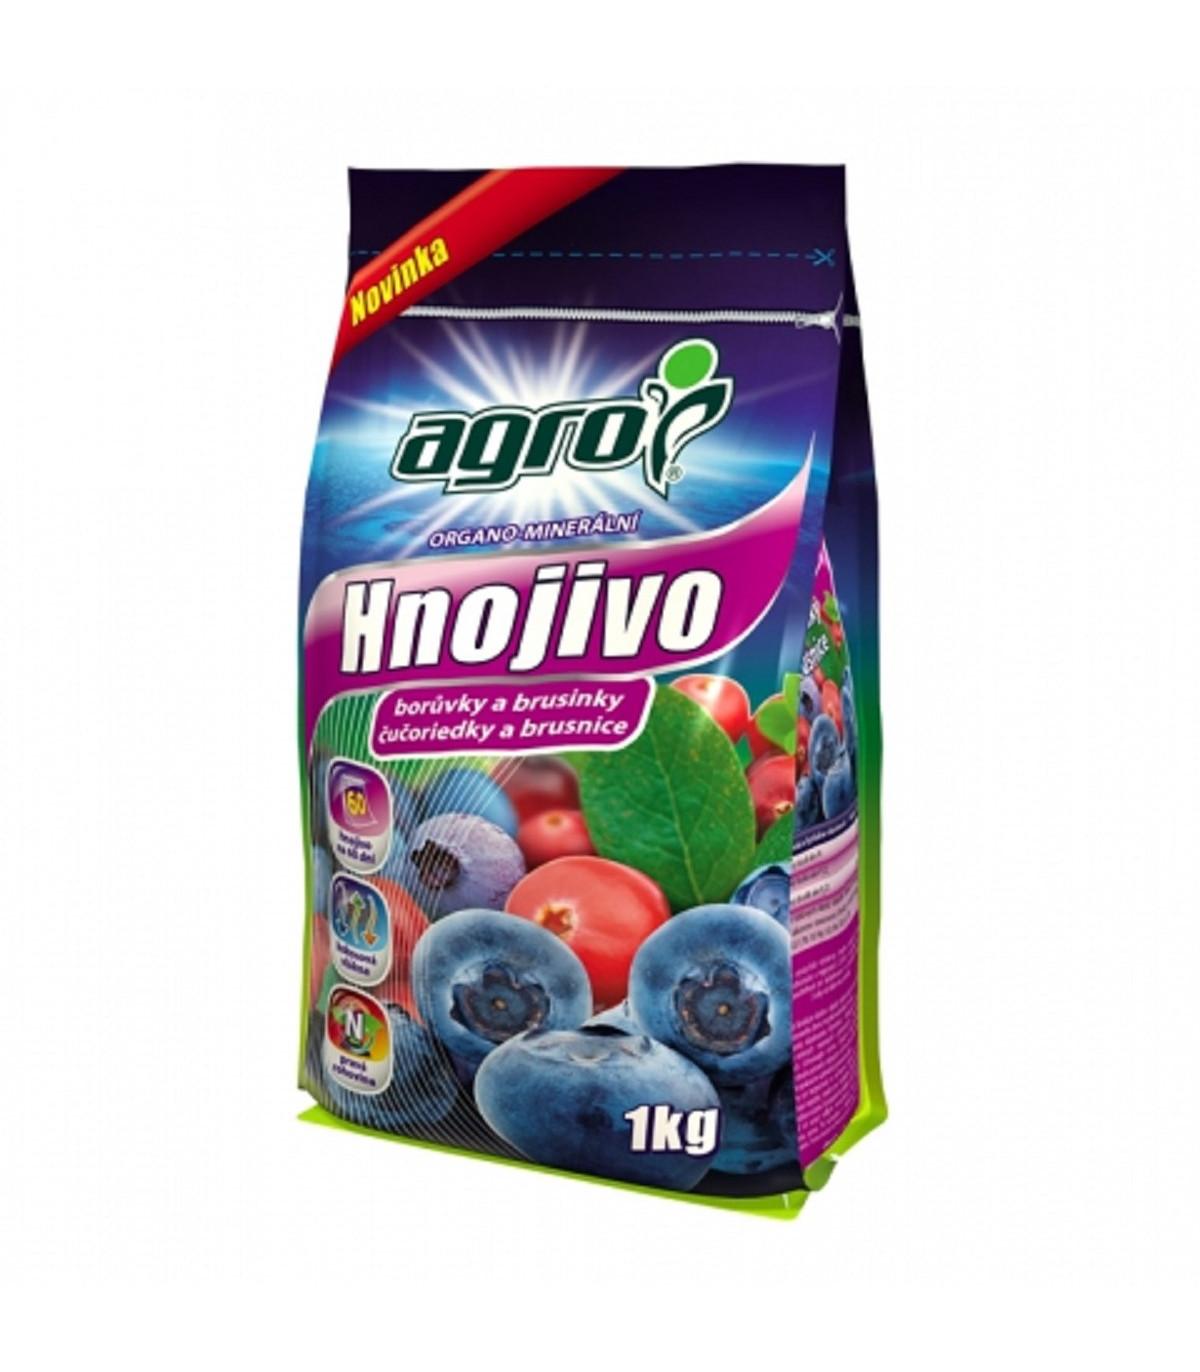 Hnojivo na borůvky a brusinky - Agro - 1 kg